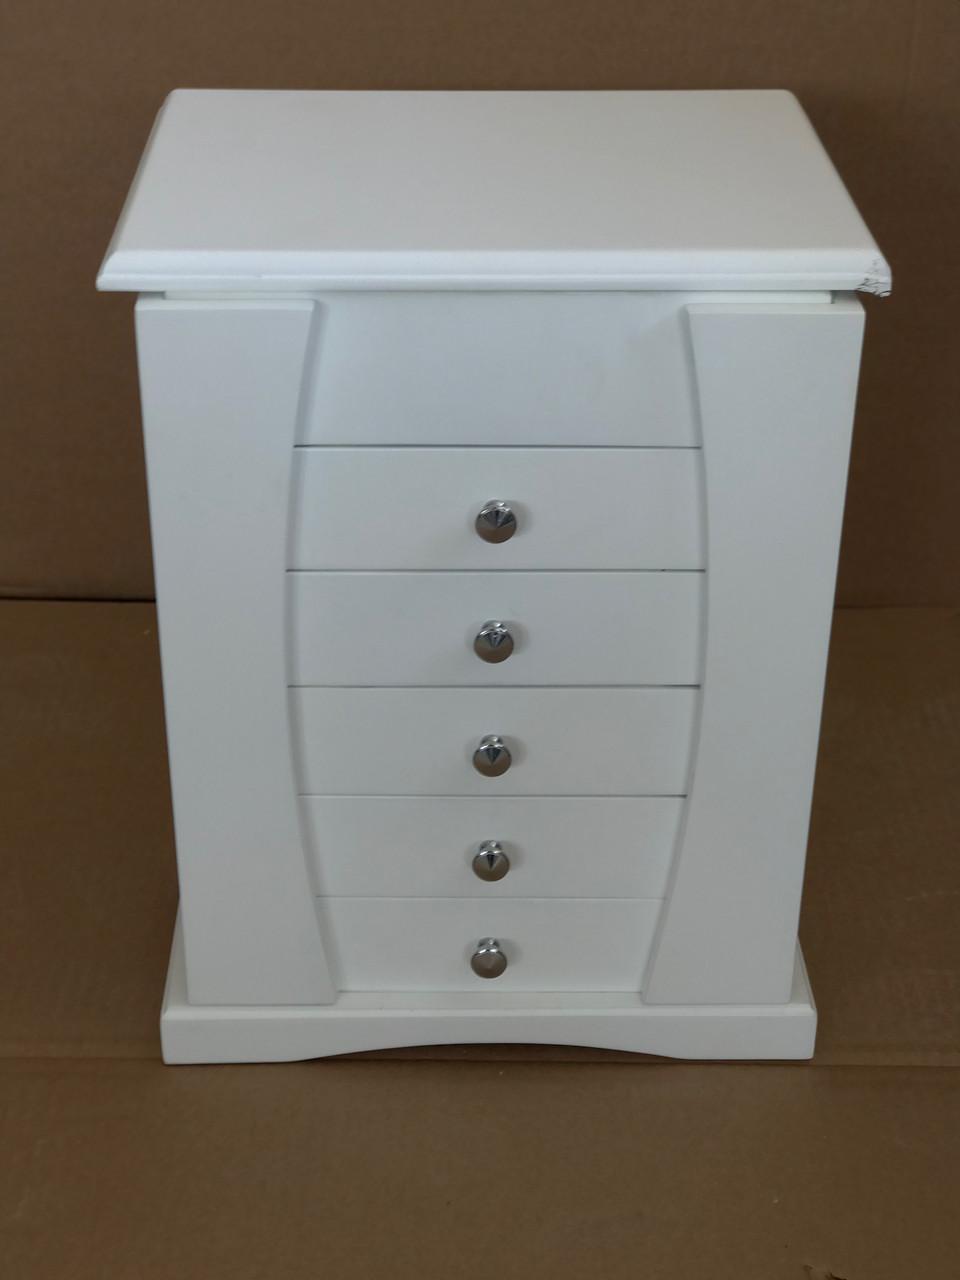 Шкаф для хранения ювелирных изделий со встроенными выдвижными ящиками и зеркалом